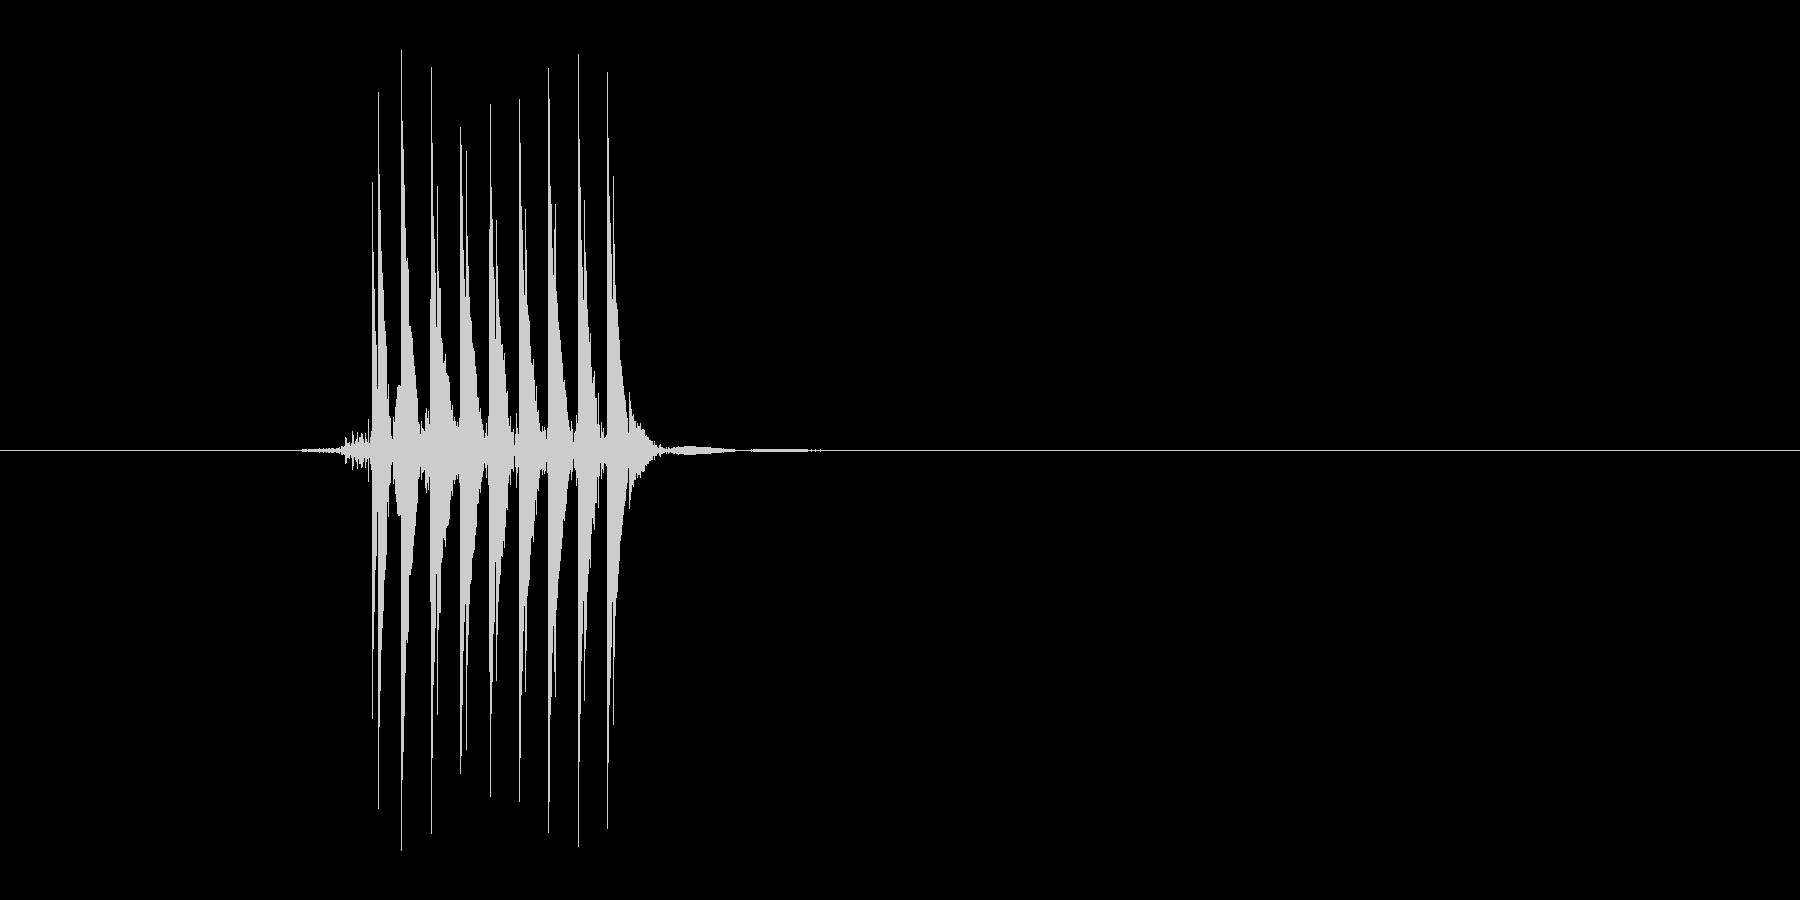 ゲーム(ファミコン風)セレクト音_022の未再生の波形